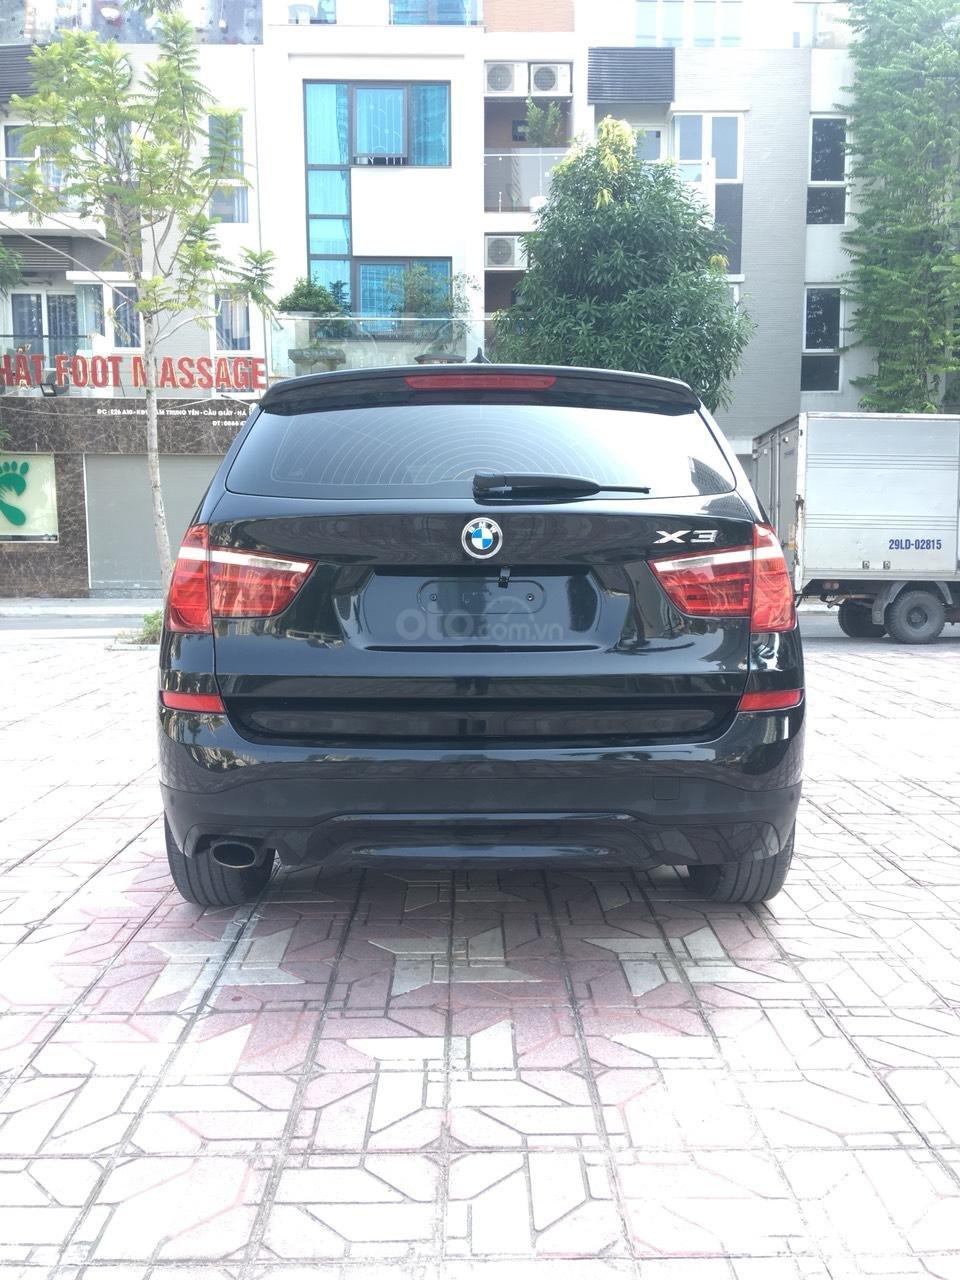 BMW X3 model 2015, máy dầu hàng độc (4)